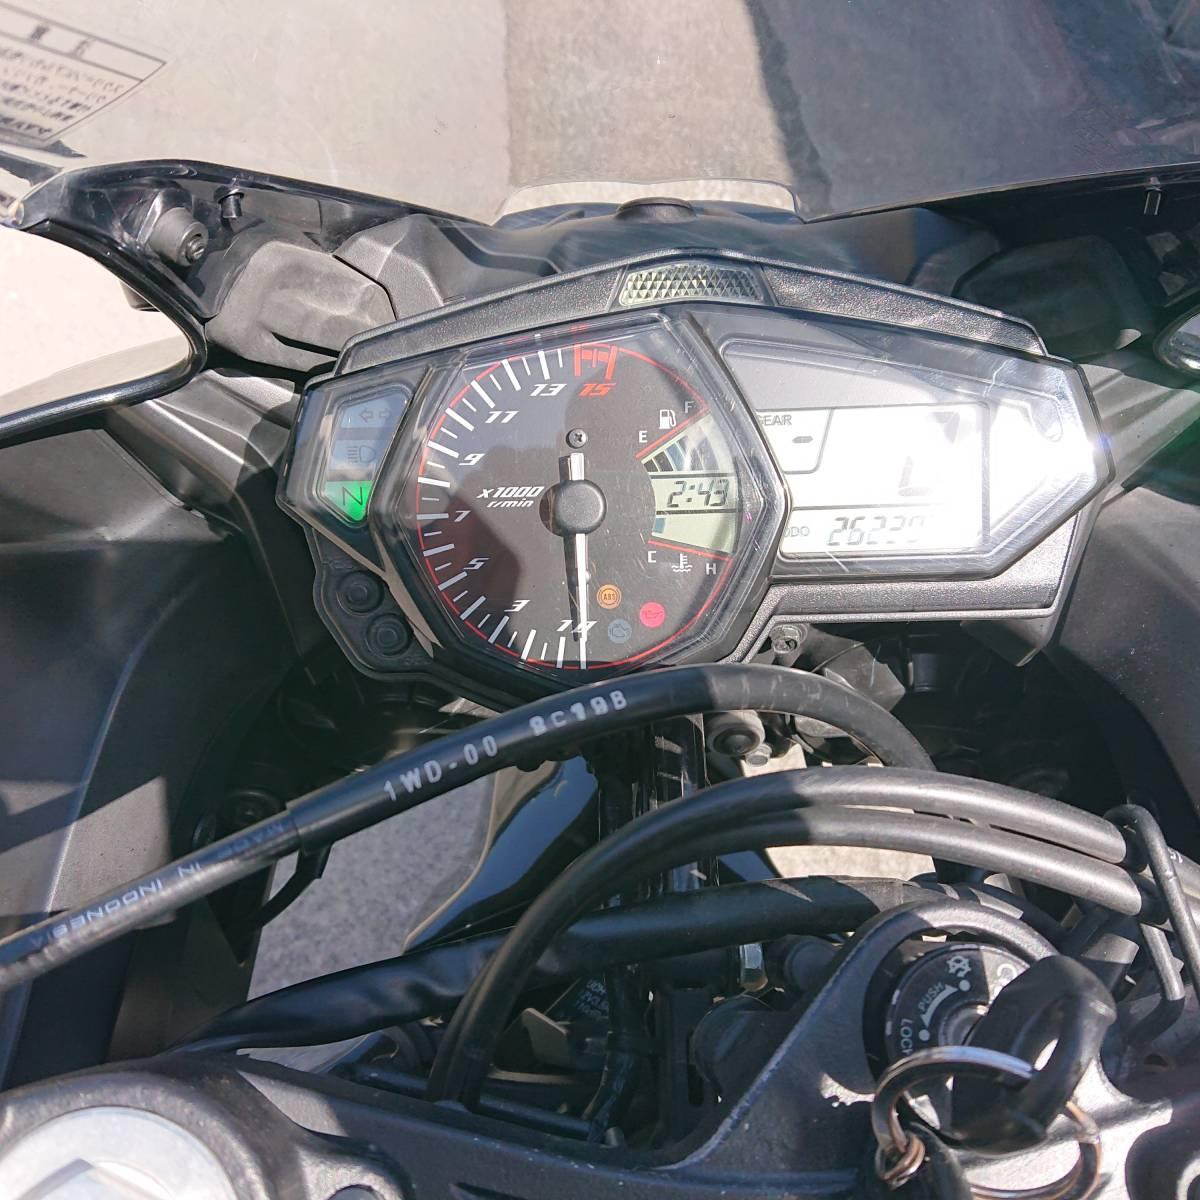 「YZF-R25 RG43J 走行24,000キロ 1オーナー Fタイヤ&Fブレーキローター&Fパッド&フェンダーレス以上新品」の画像3